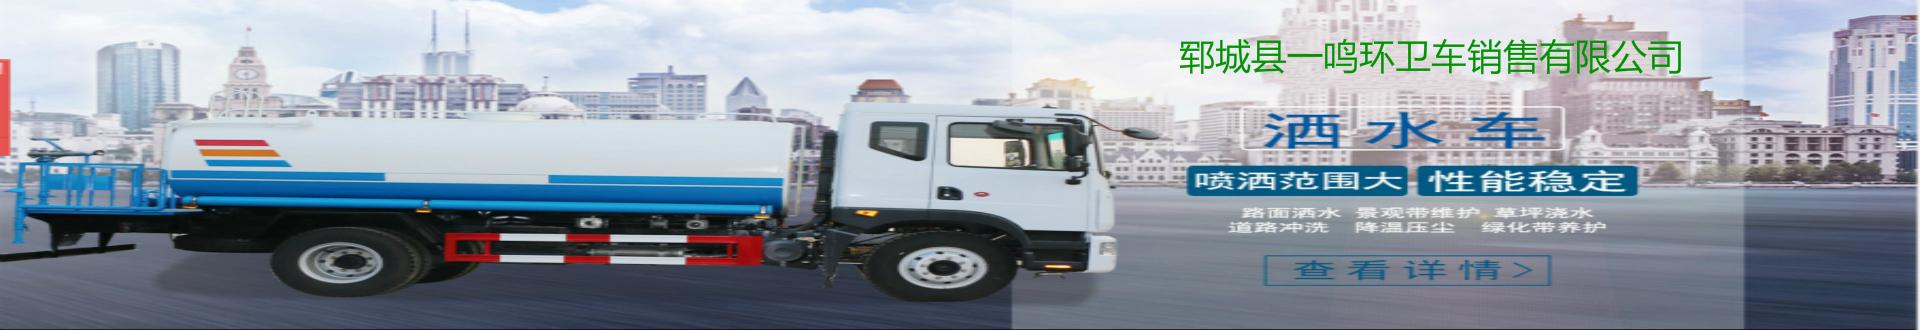 郓城县一鸣环卫车销售有限公司